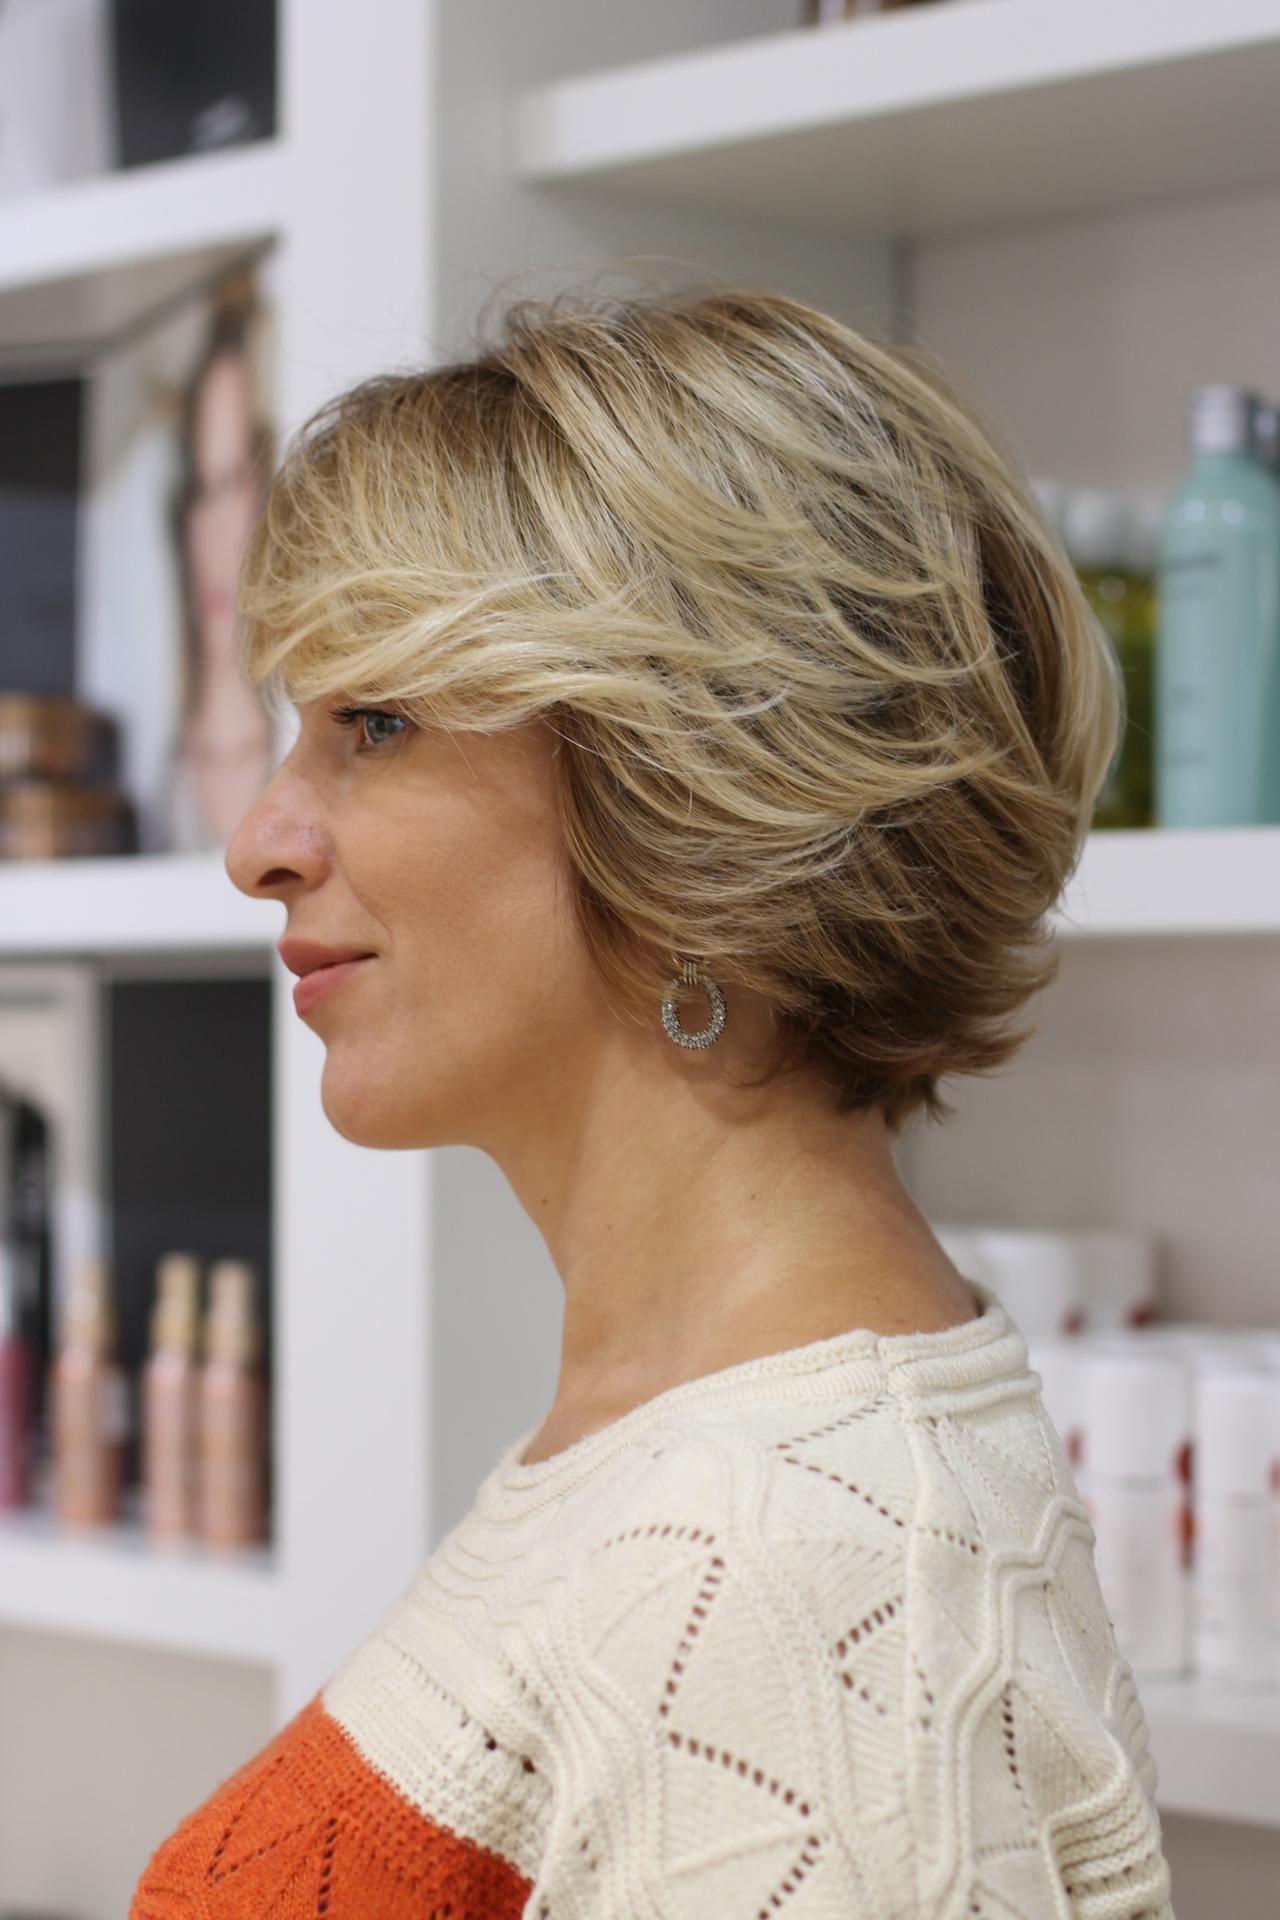 image58-2   Брондирование волос: описание, виды, техника выполнения для любой длины и цвета волос